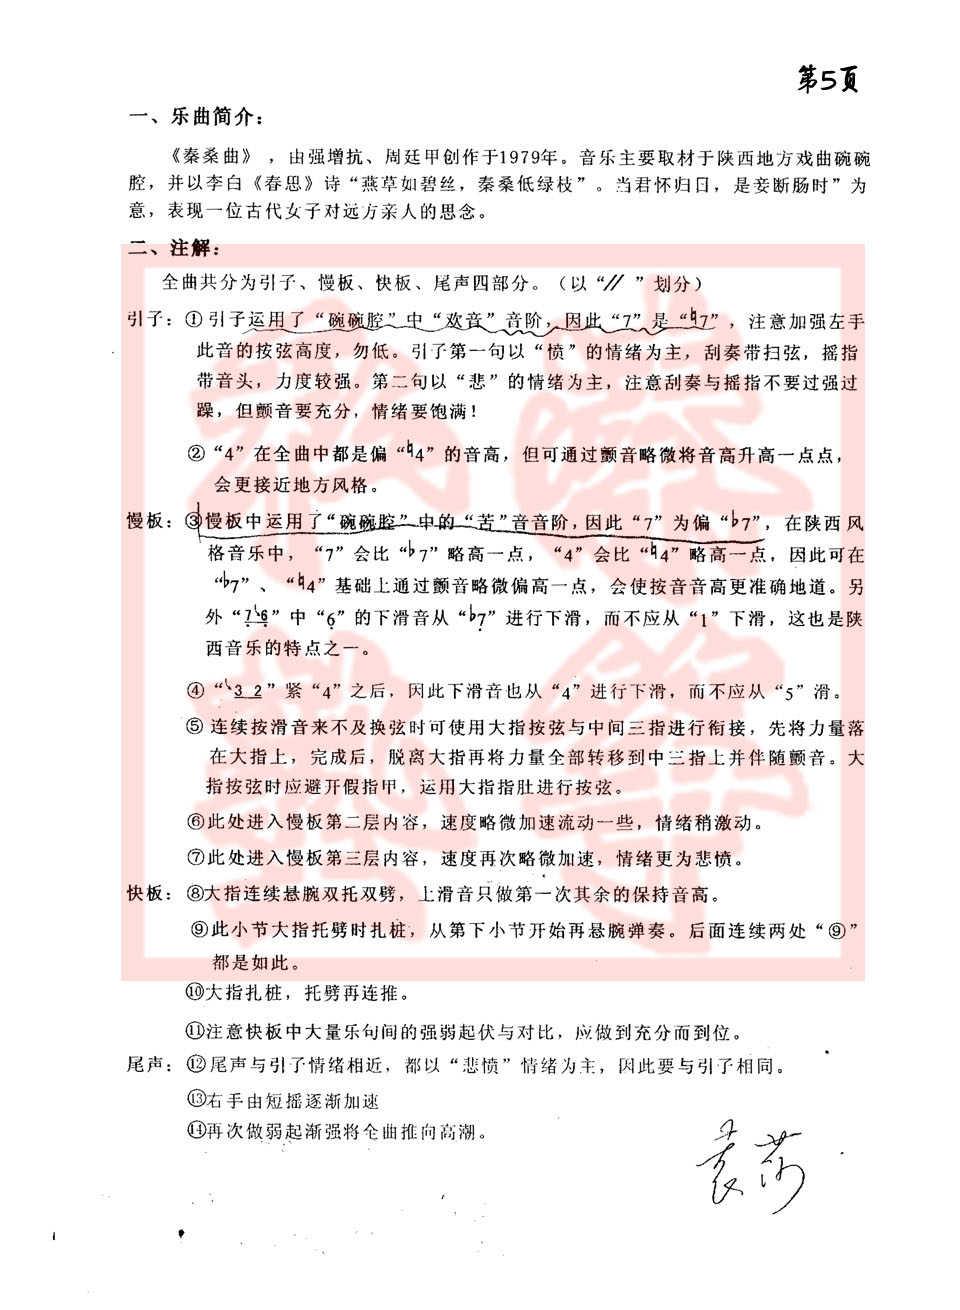 秦桑曲 古筝曲谱 简谱—考级演奏提示谱(袁莎版)